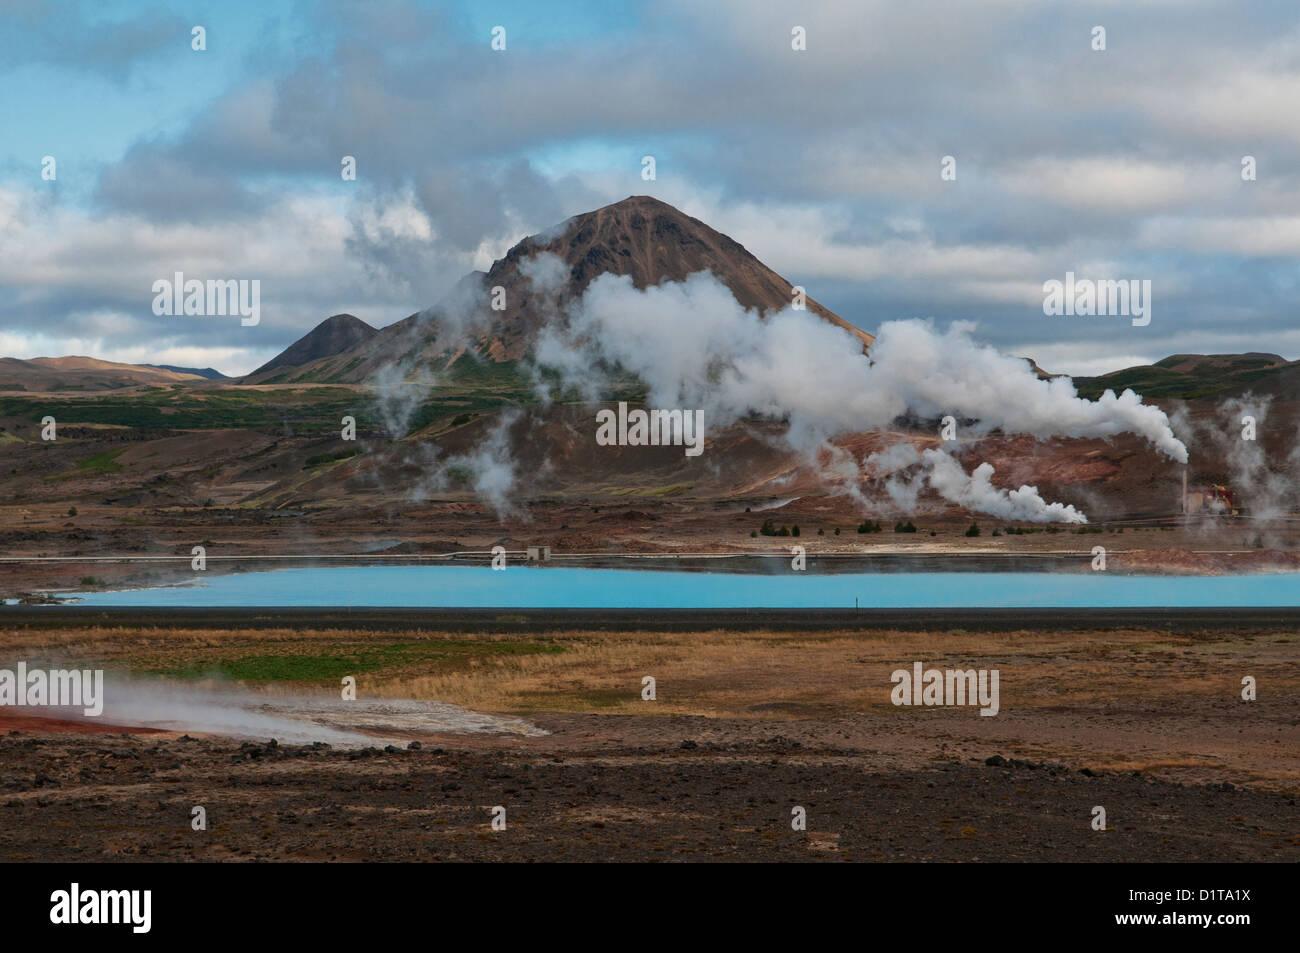 La energía geotérmica y paisaje volcánico cerca del lago Myvatn, Islandia Imagen De Stock